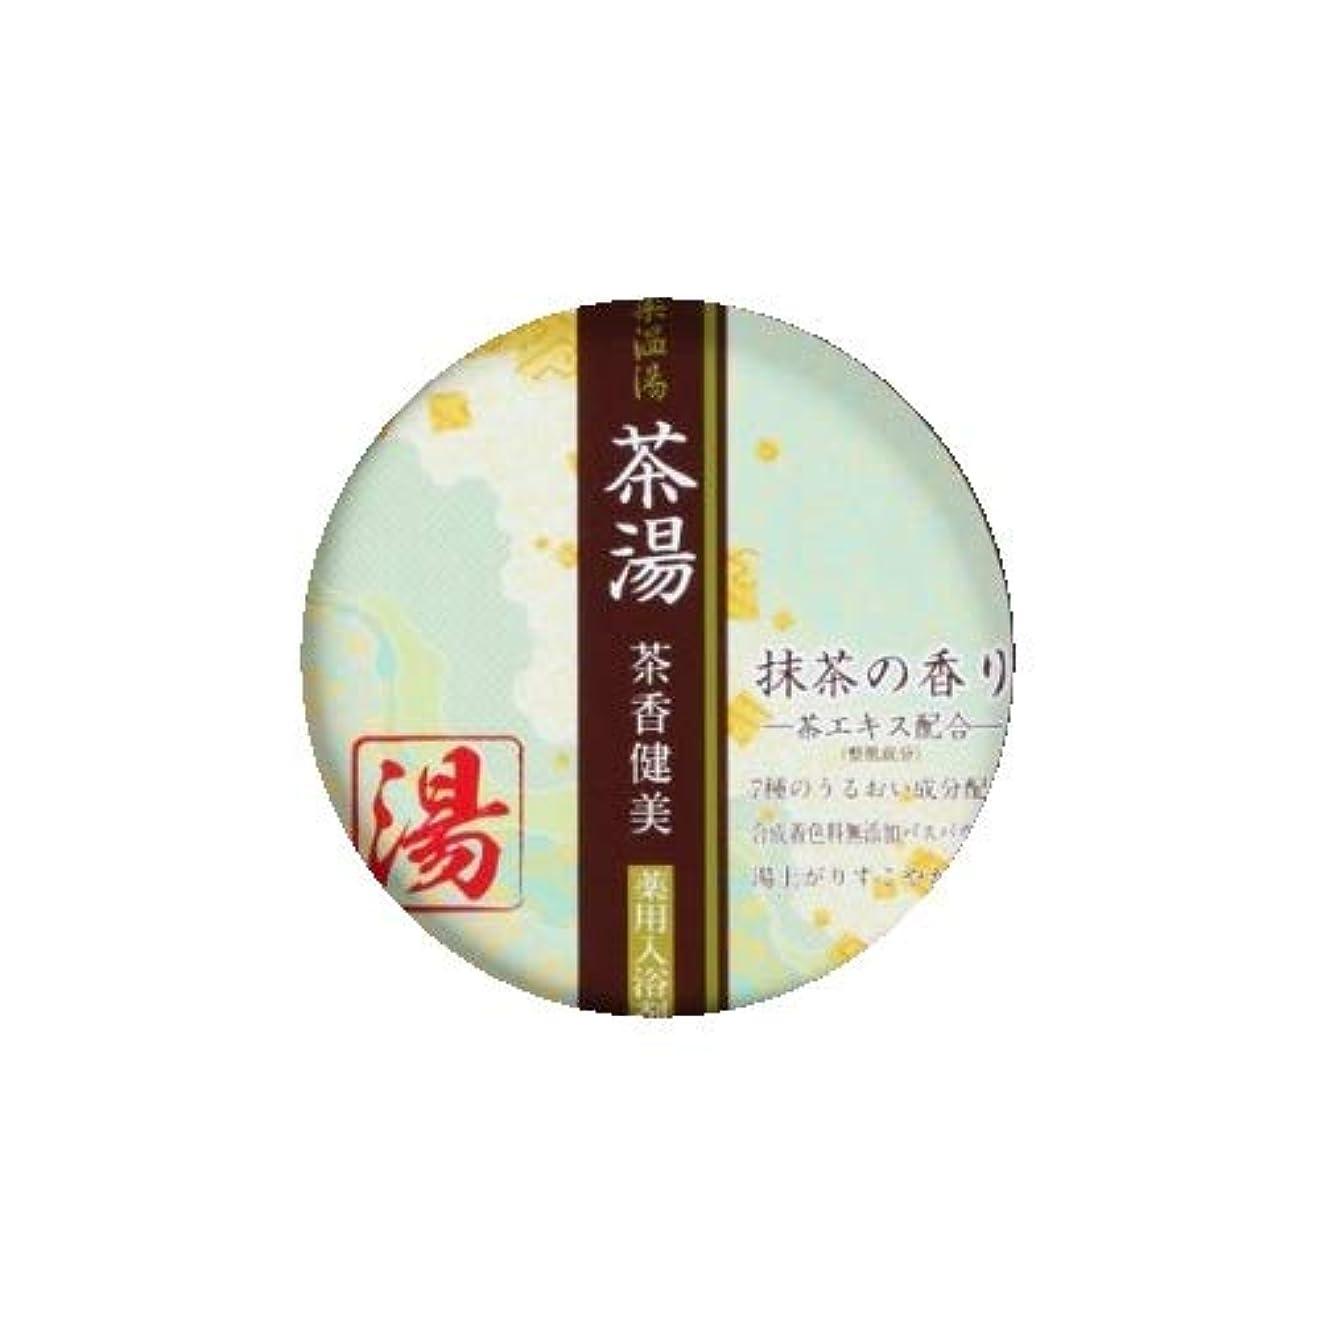 失効取り消す父方の薬温湯 茶湯 入浴料 抹茶の香り POF-10M